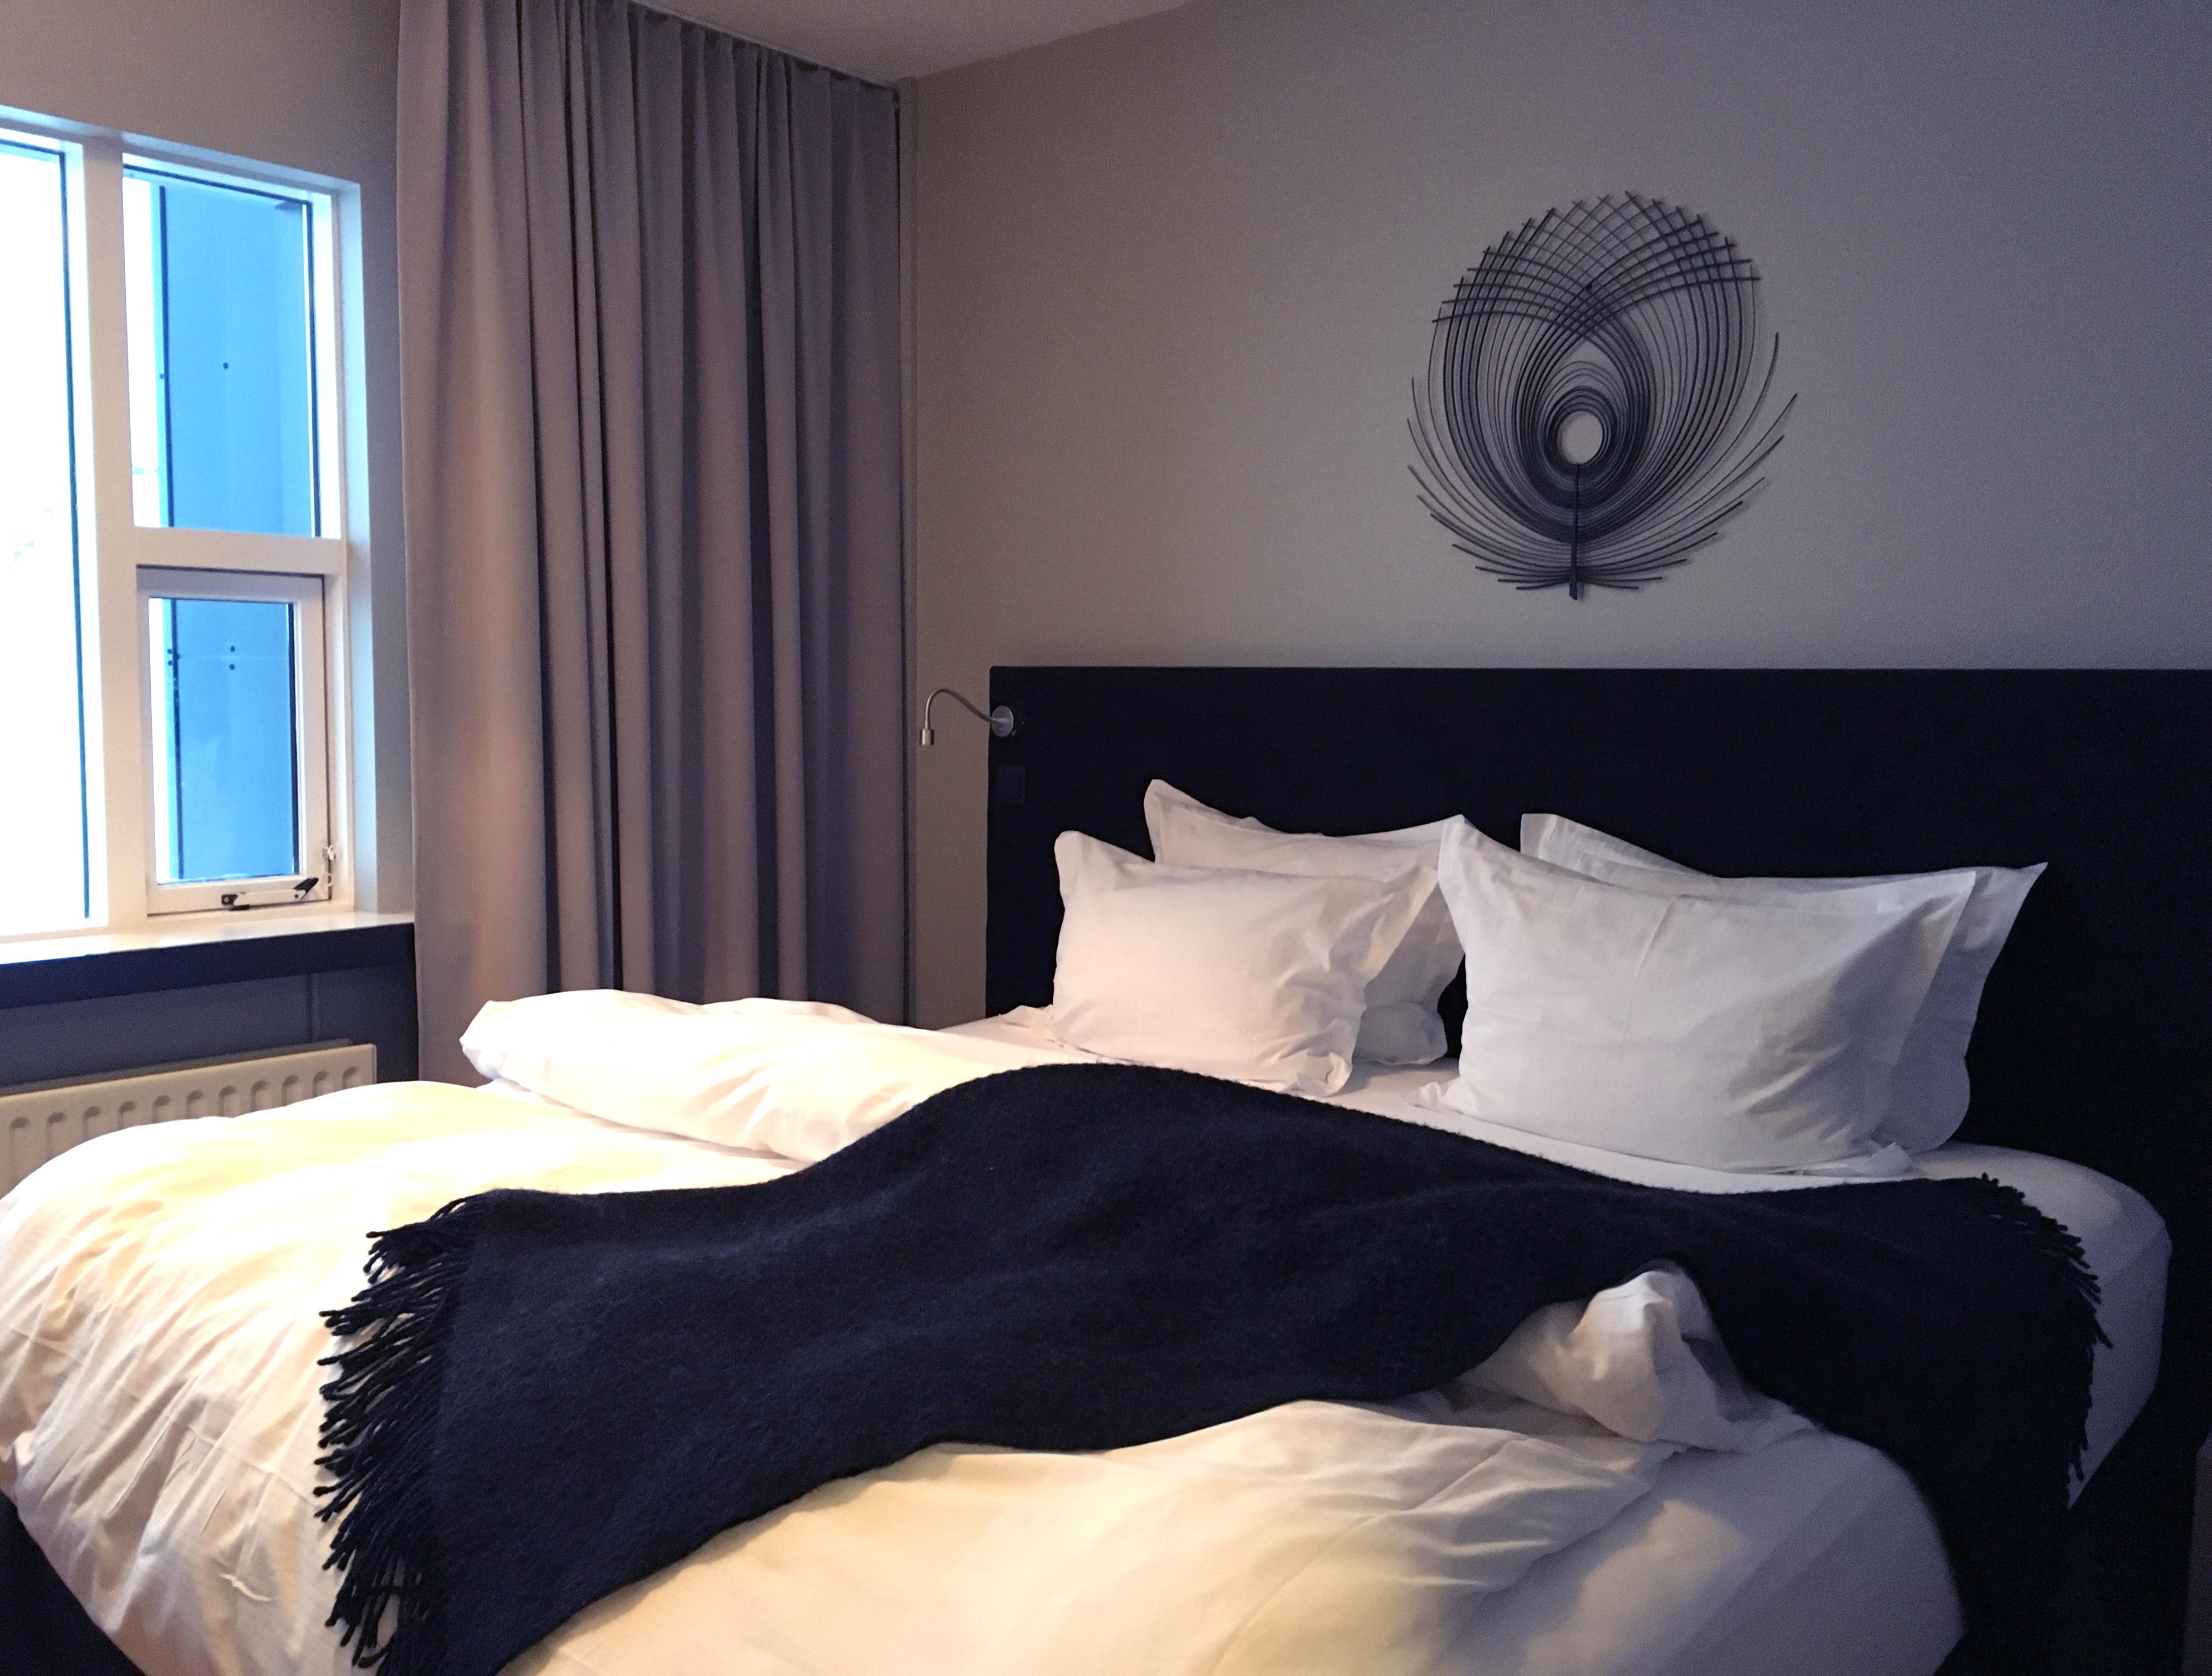 maybeyoulike_Iceland_ION_Hotel2